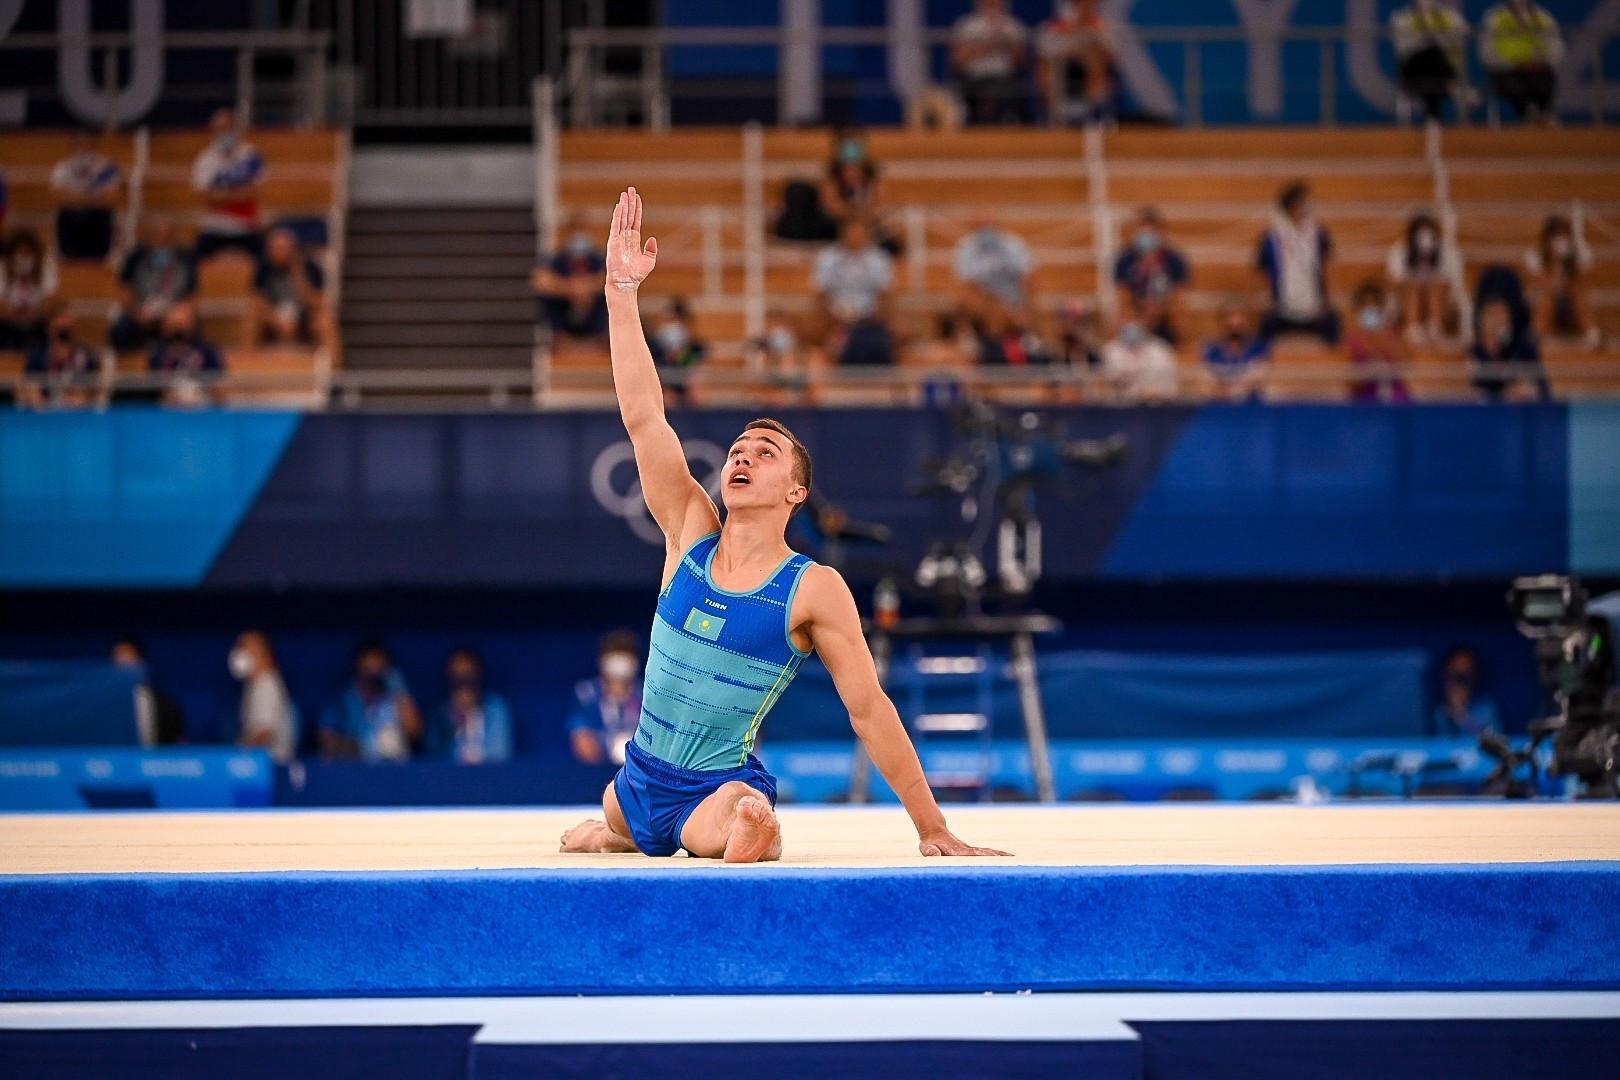 Казахстанские гимнасты мощно стартовали на чемпионате мира по спортивной гимнастике